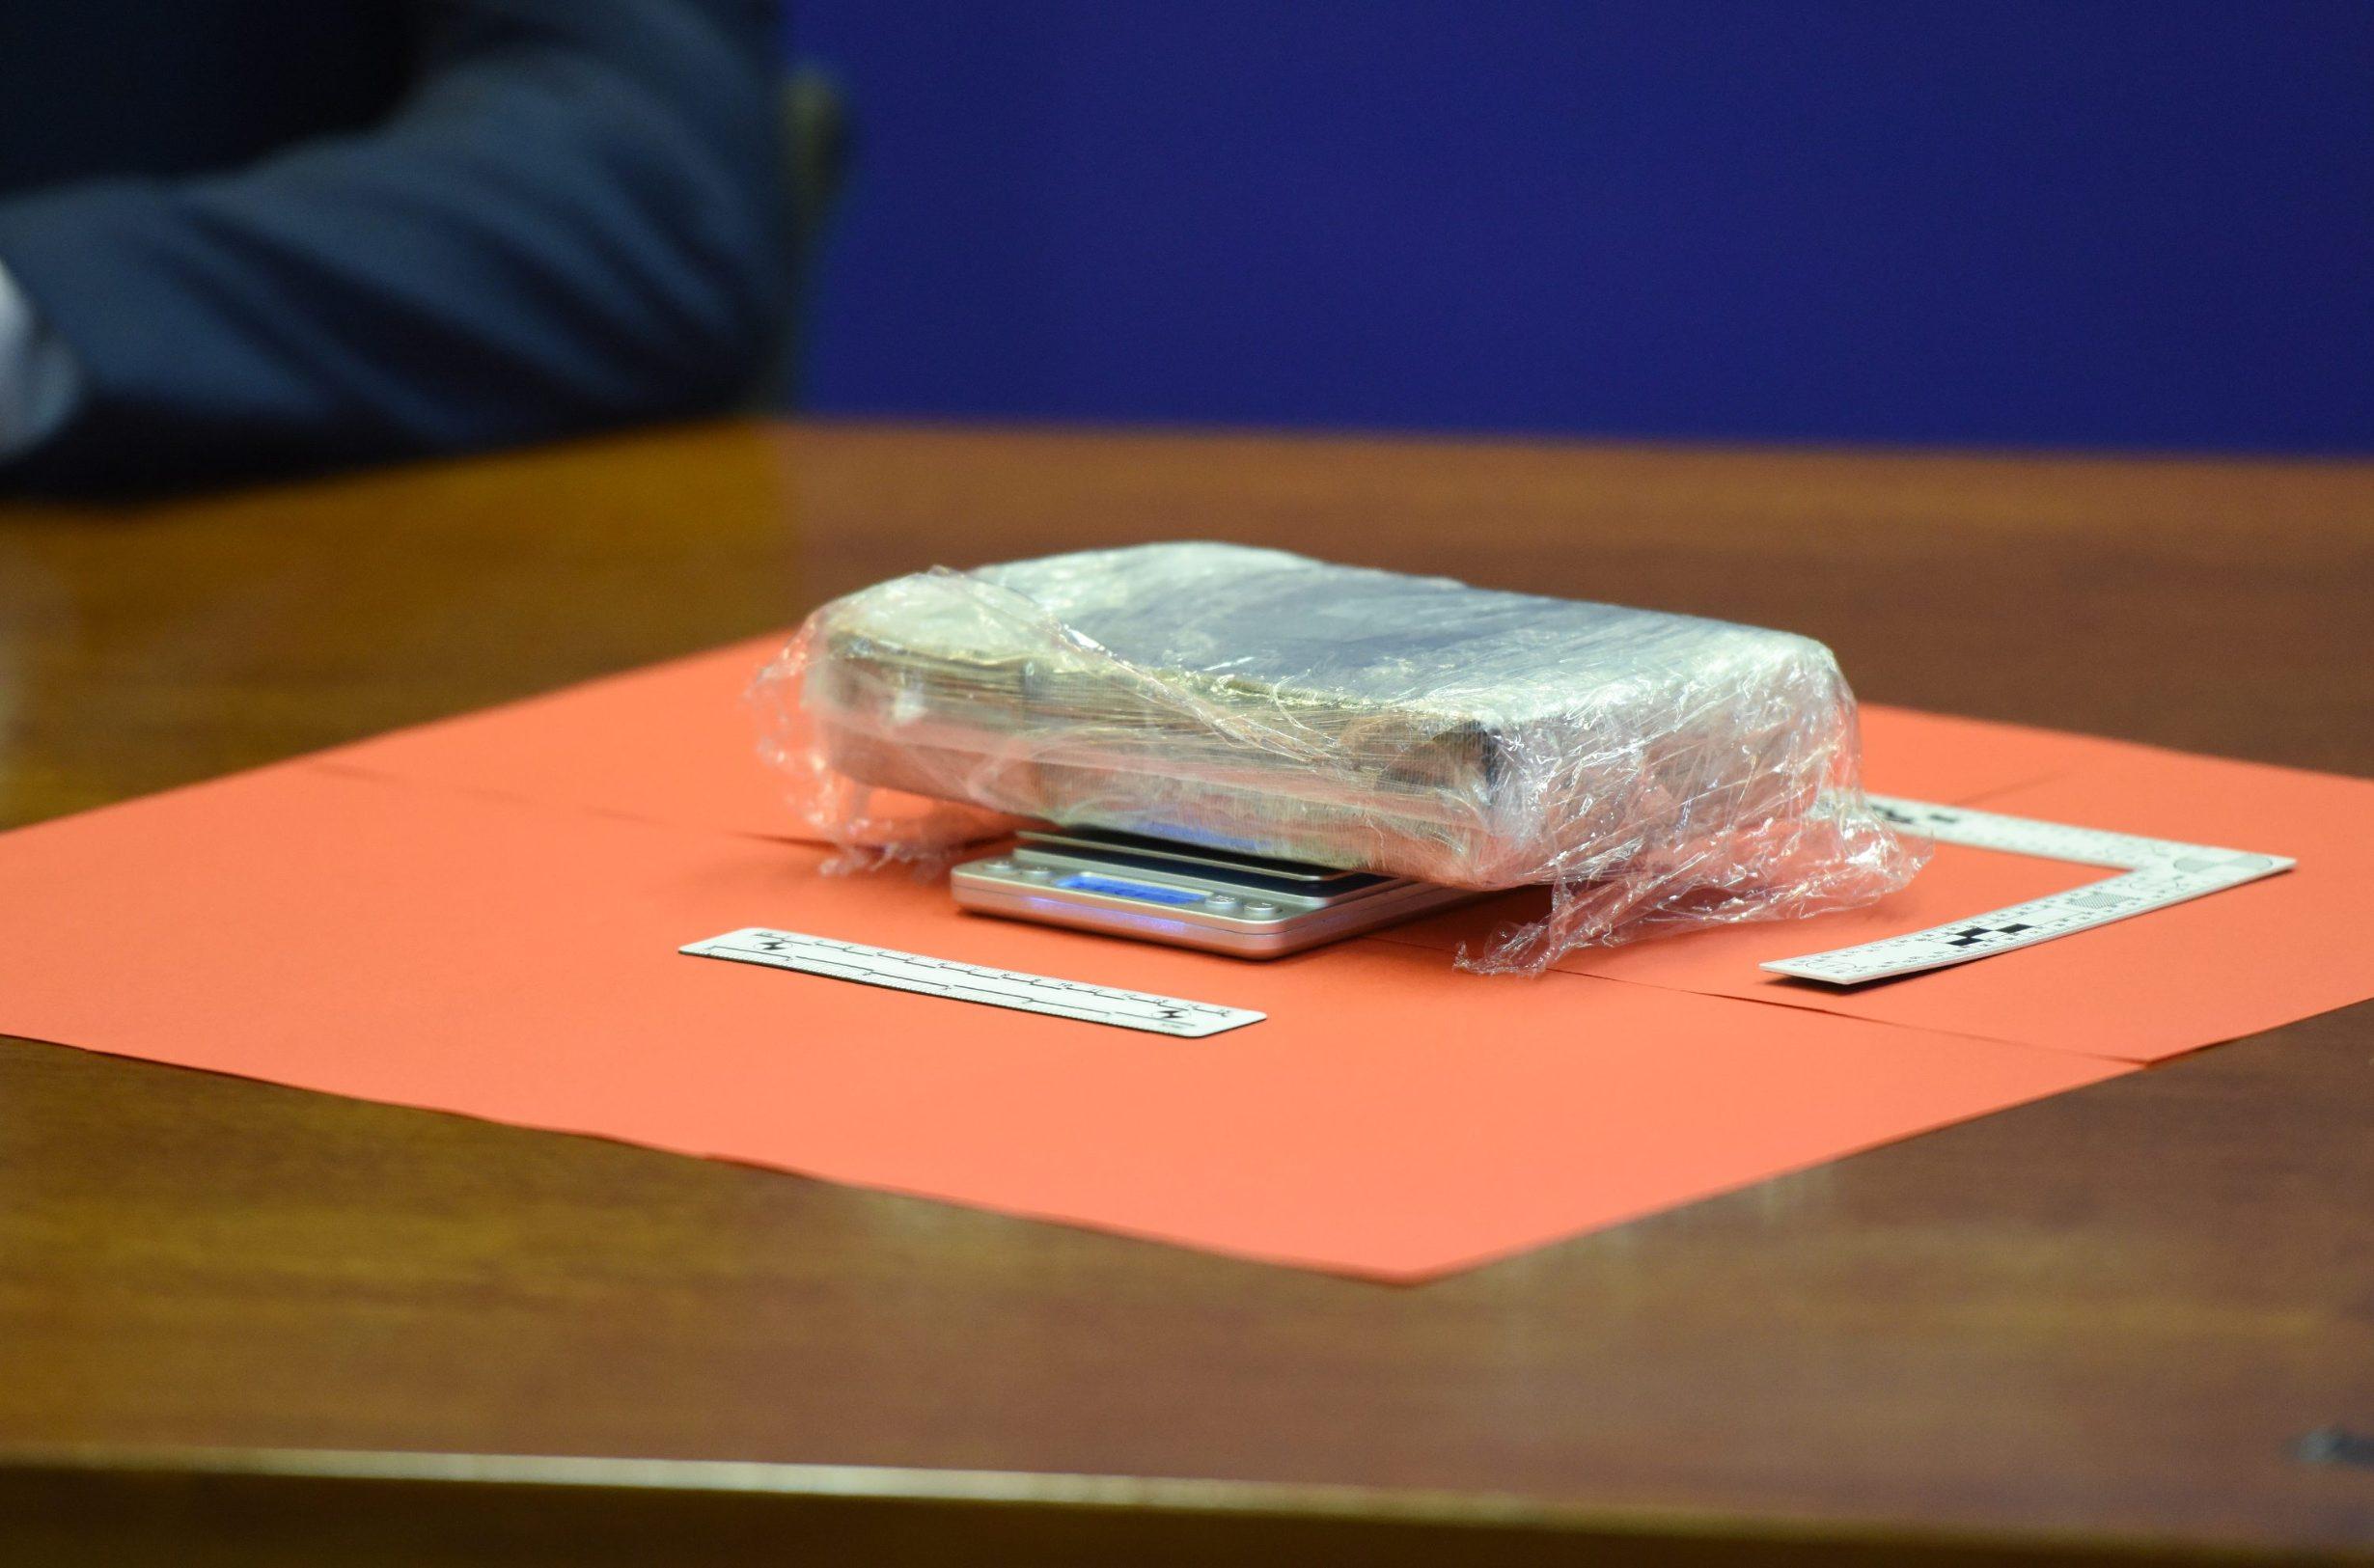 Zadar, 180919. Konferencija za medije PU zadarske povodom uhicenja 37-godisnjeg Josipa Zivkovica iz Zadra zbog sumnje da je sudjelovao u preprodaji kokaina. Pretresom njegove kuce na Bilom brigu pronadjeno je kilogram i 135,6 grama kokaina vrlo visoke cistoce namijenjenog iskljucivo zadarskom trzistu, vrijednog 1,65 milijuna kuna. Policija ga smatra najistaknutijim pojedincem na zadarskom trzistu droge. Na fotografiji: zapljenjeni kokain. Foto: Jure Miskovic / CROPIX